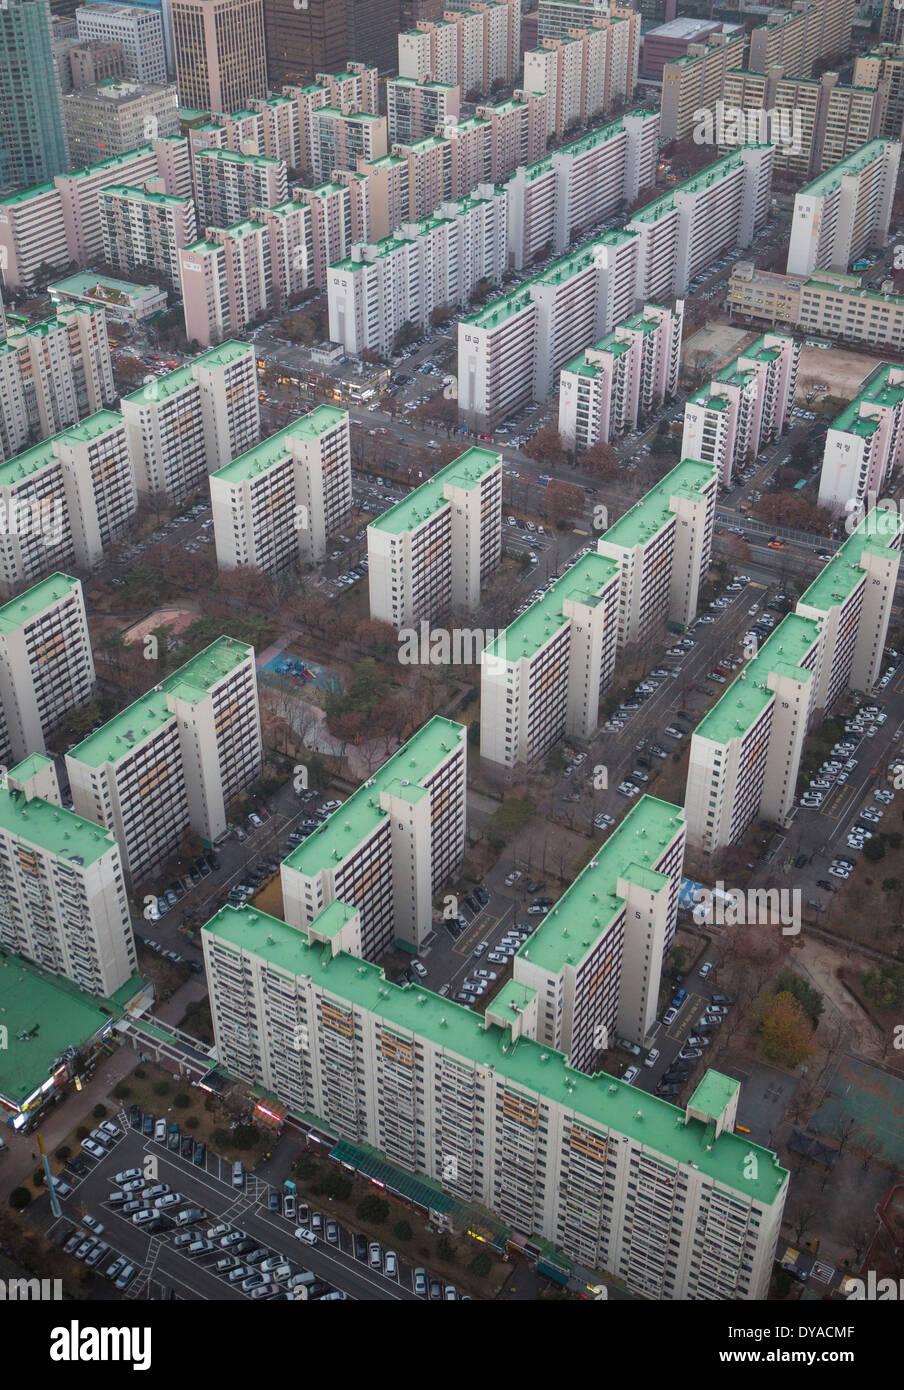 Asie Corée Seoul Yeouido architecture aérienne blocs appartements colorés de la ville afin de géométrie toits planification panorama coucher du soleil Photo Stock